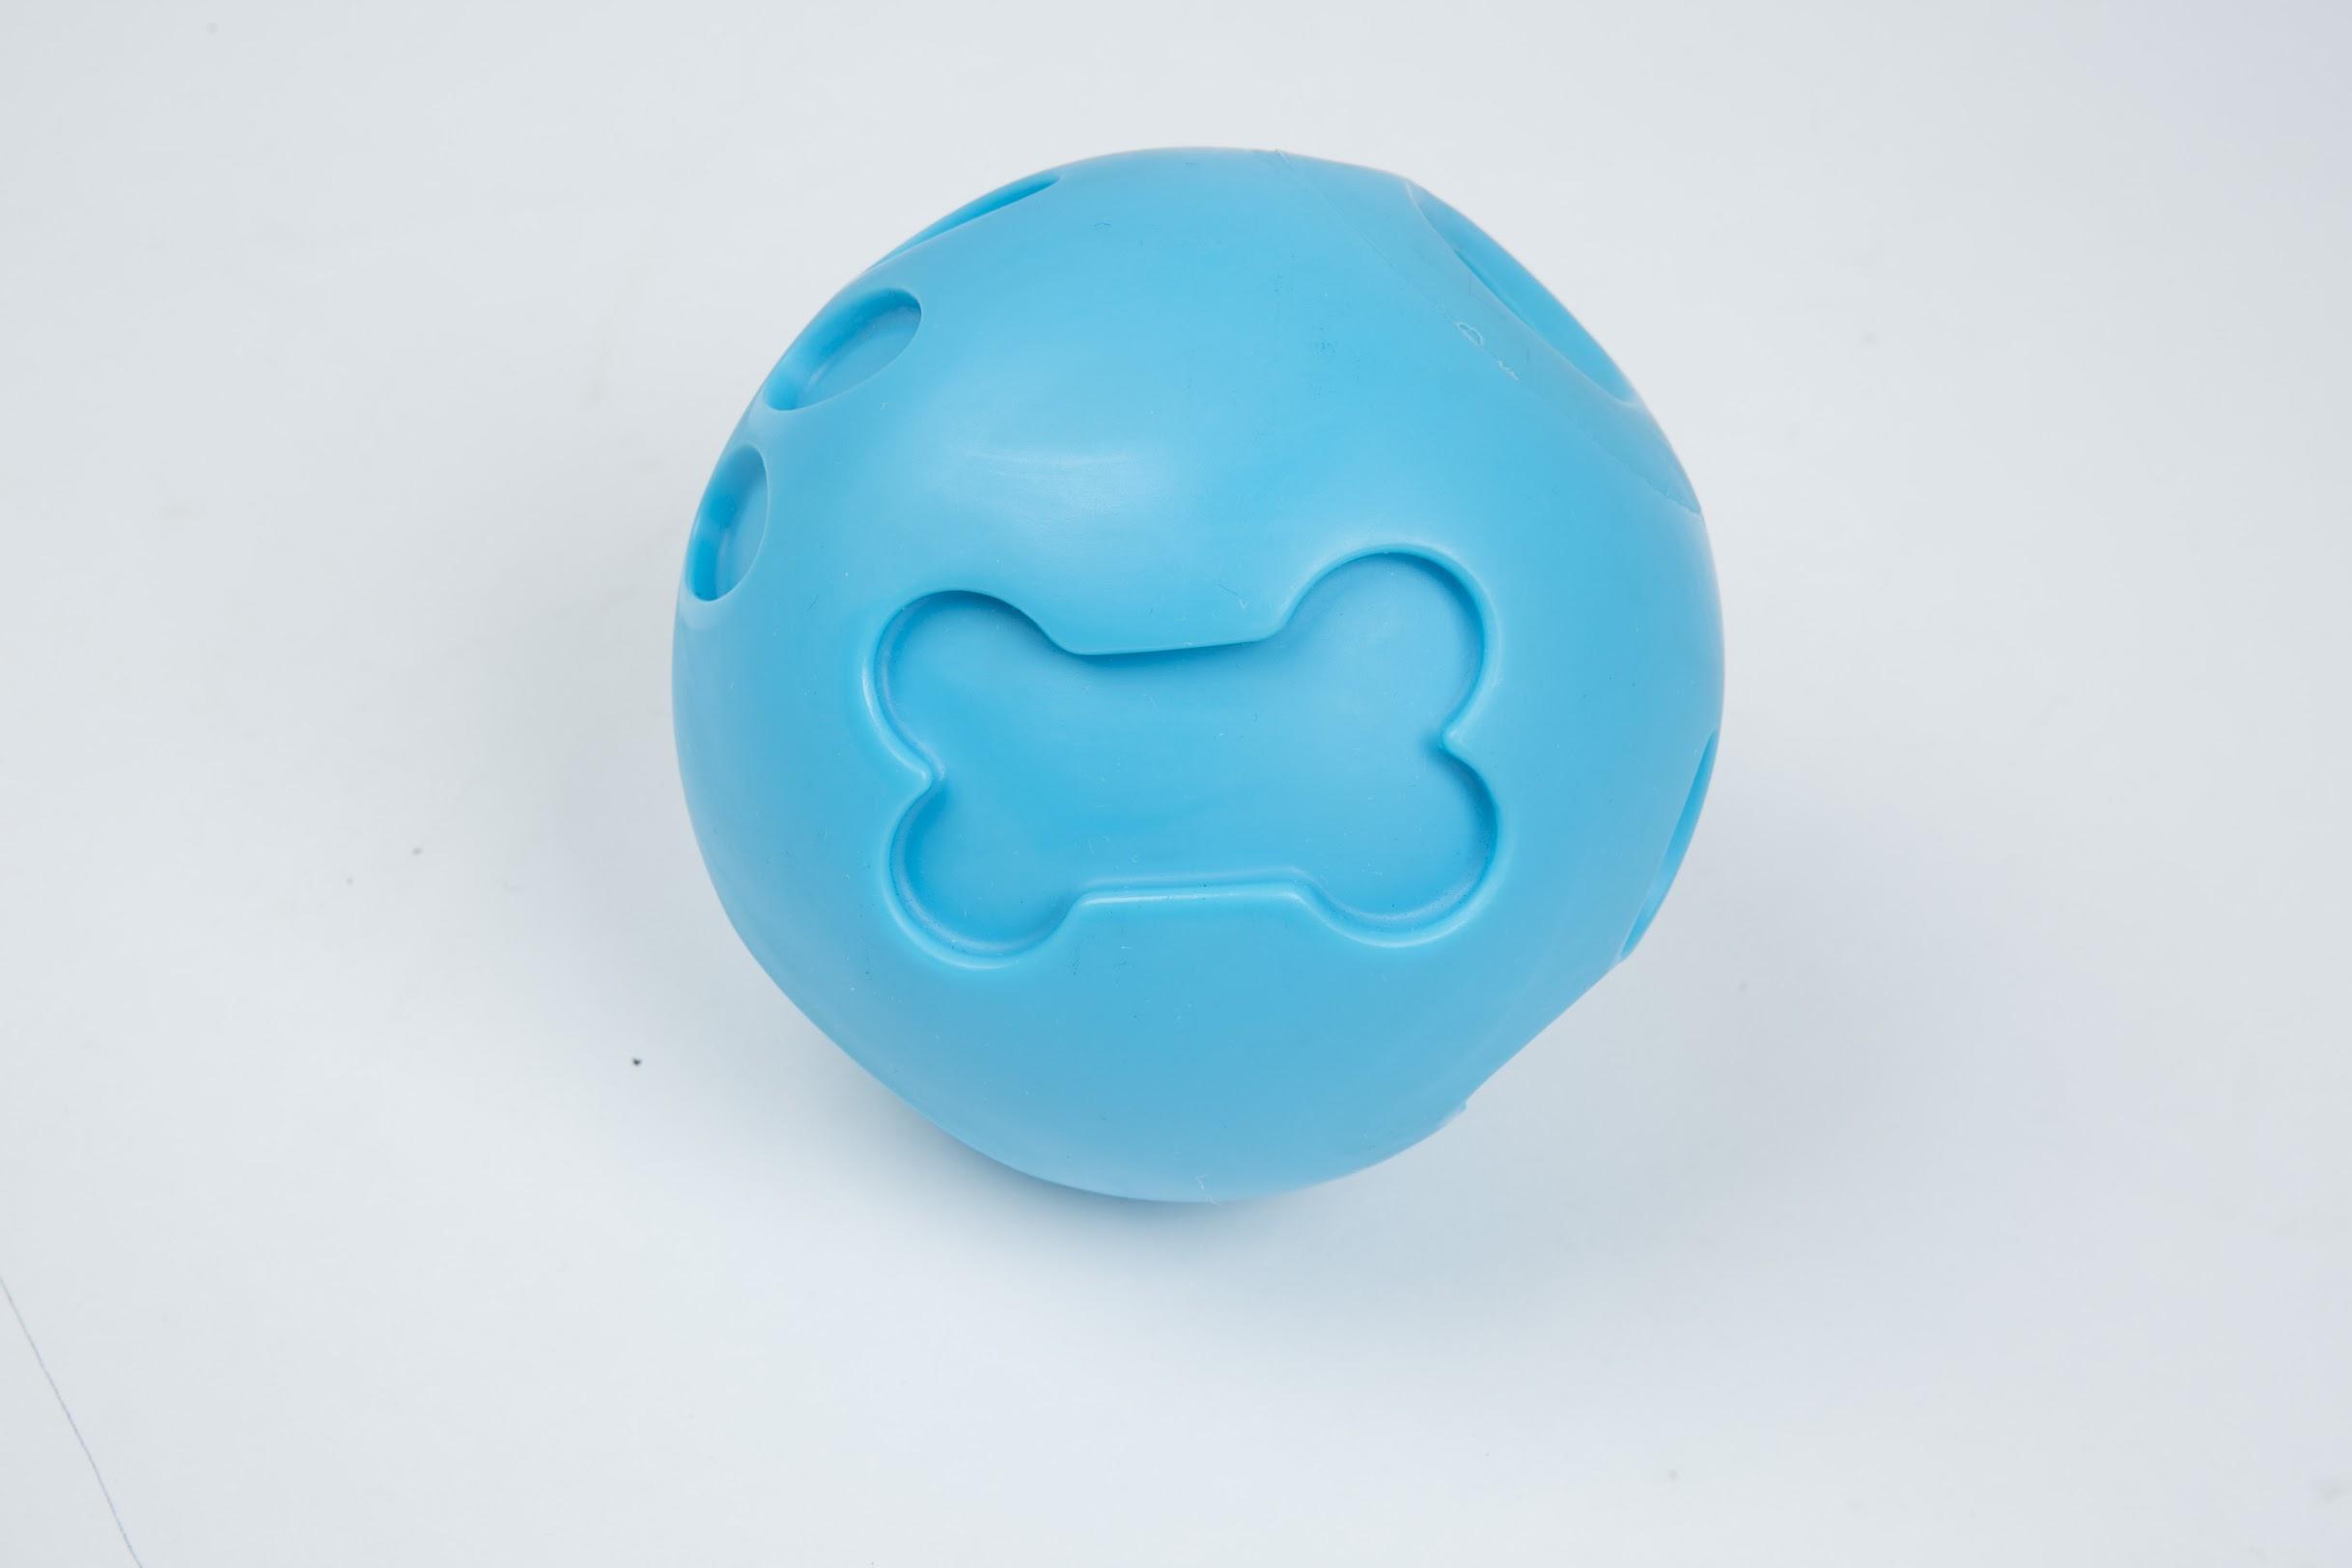 Petique 寵物零食球 | 寵物玩具、漏食球 8